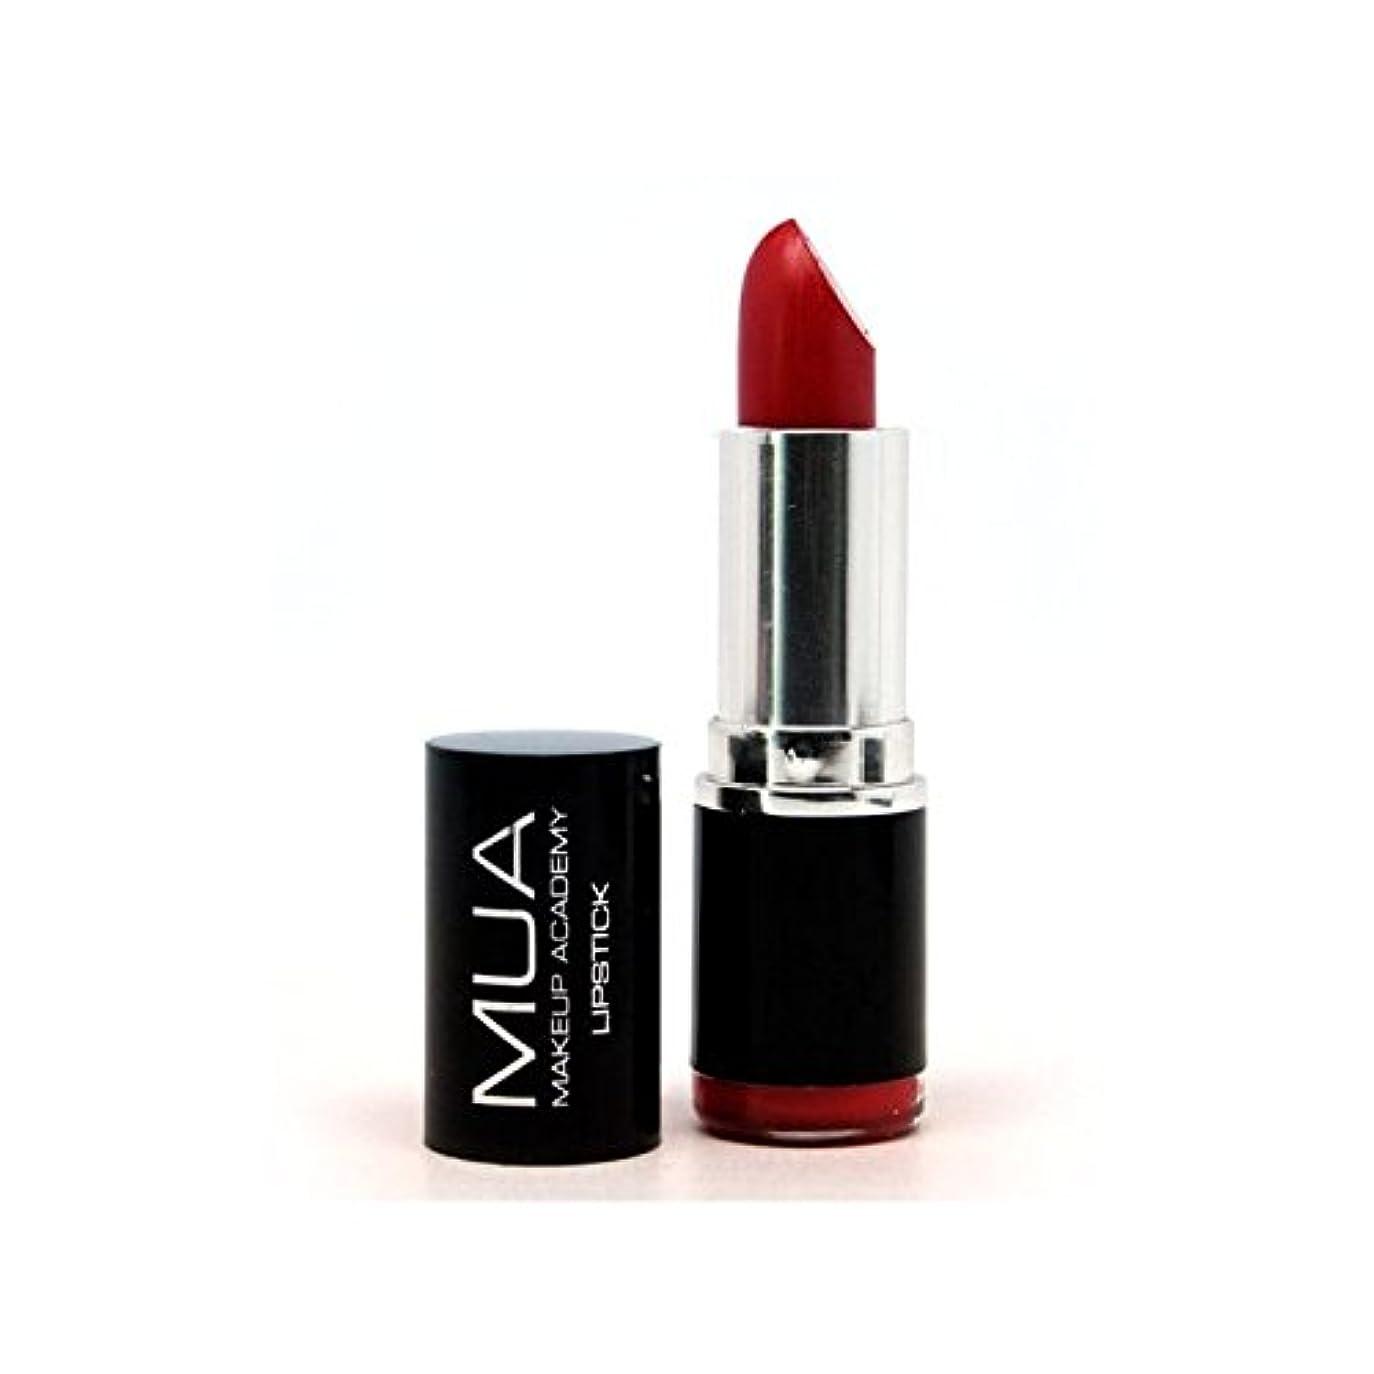 封建脚上げるMUA Lipstick - Shade 13 - の口紅 - 日陰13 [並行輸入品]